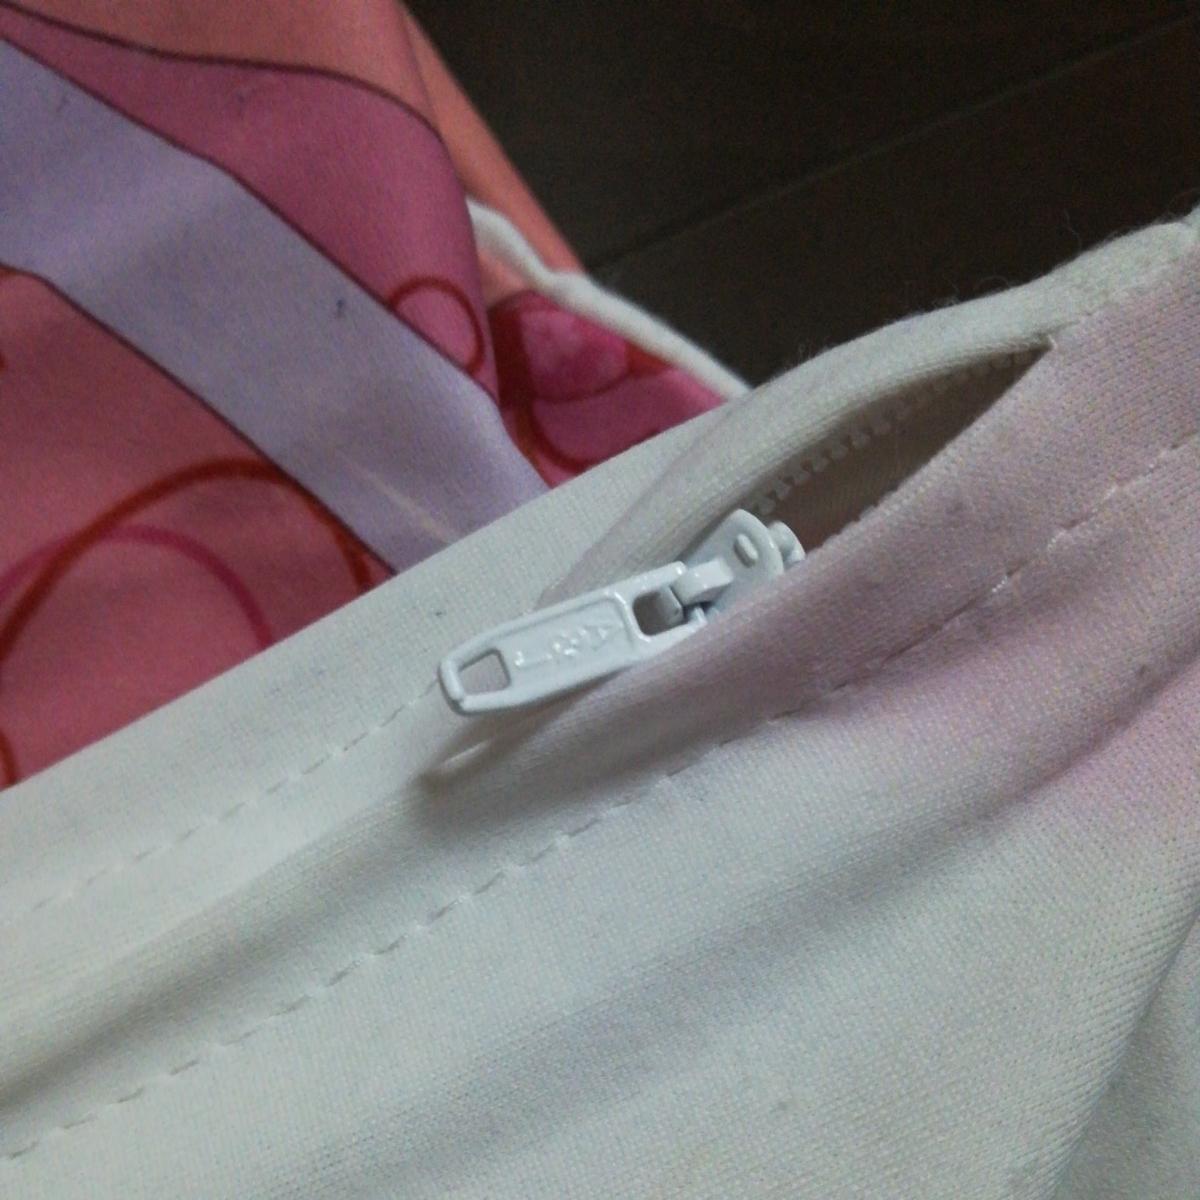 C86 恋がさくころ桜どき 月島夕莉 抱き枕カバー 和泉つばす/翡翠亭 開封品_画像4